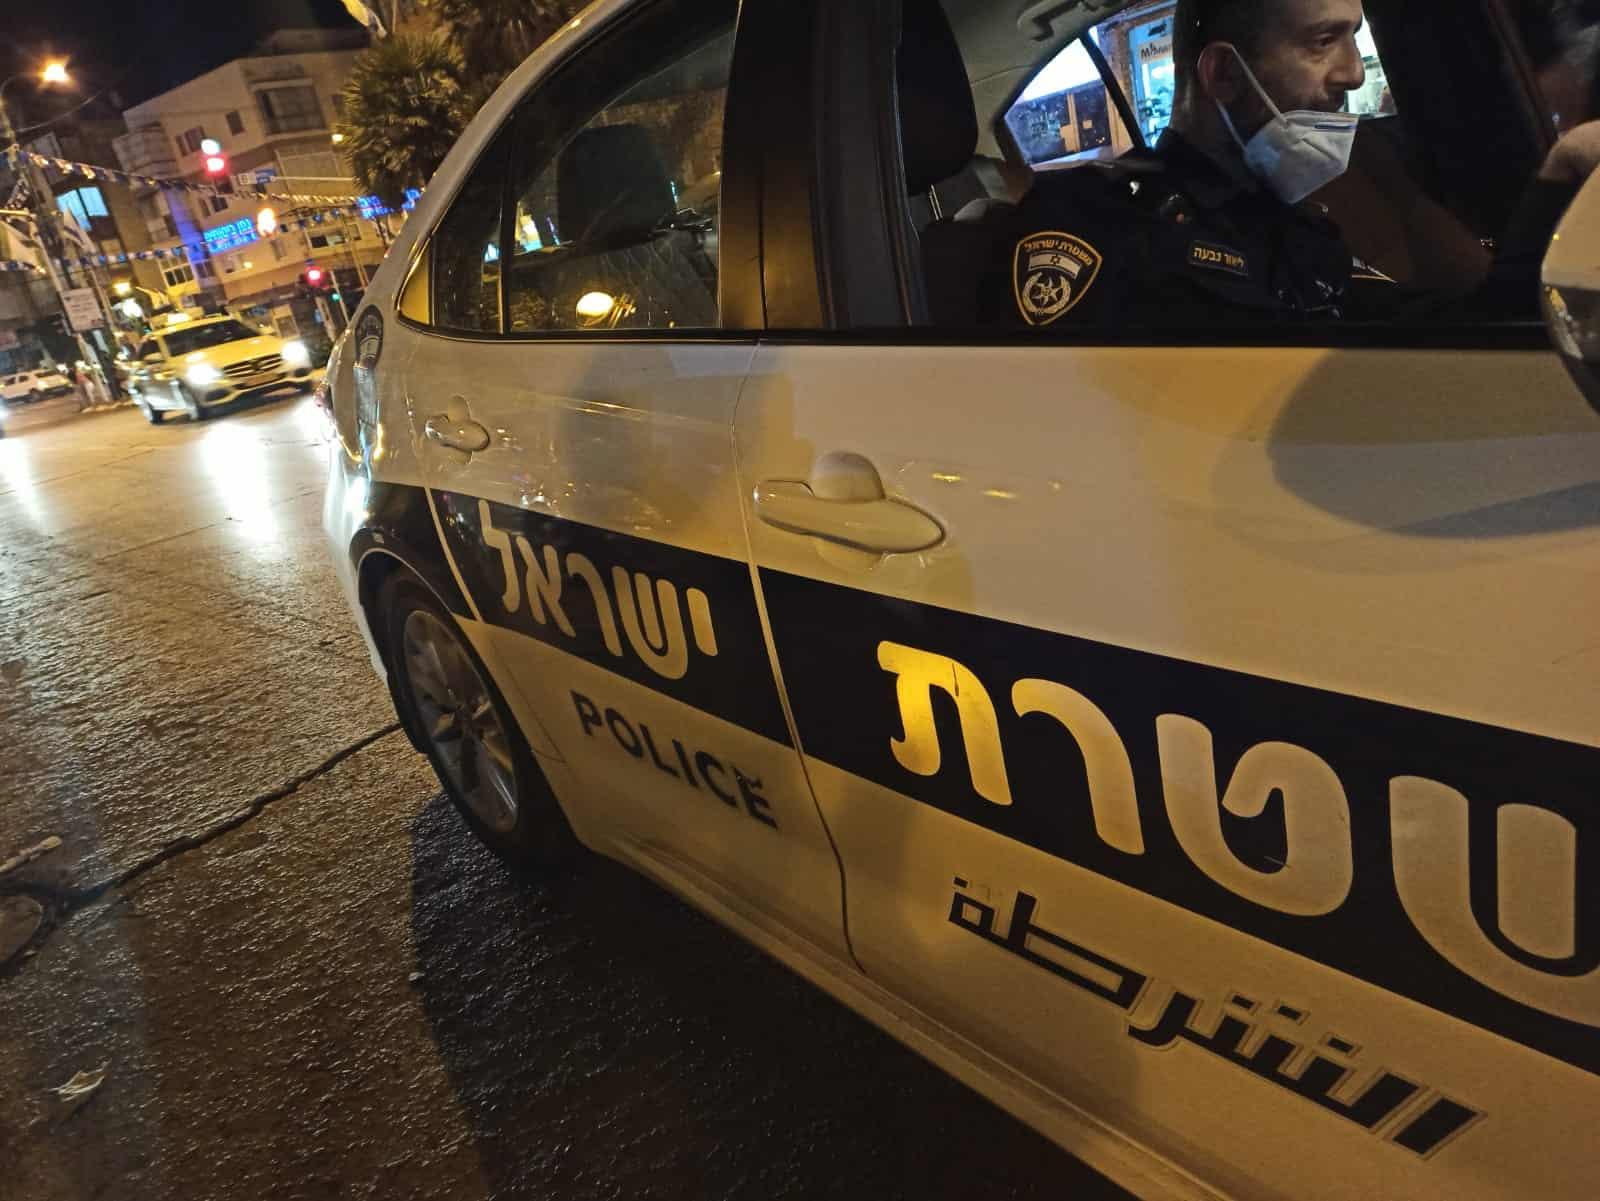 משטרה. צילום: נטלי פורטי